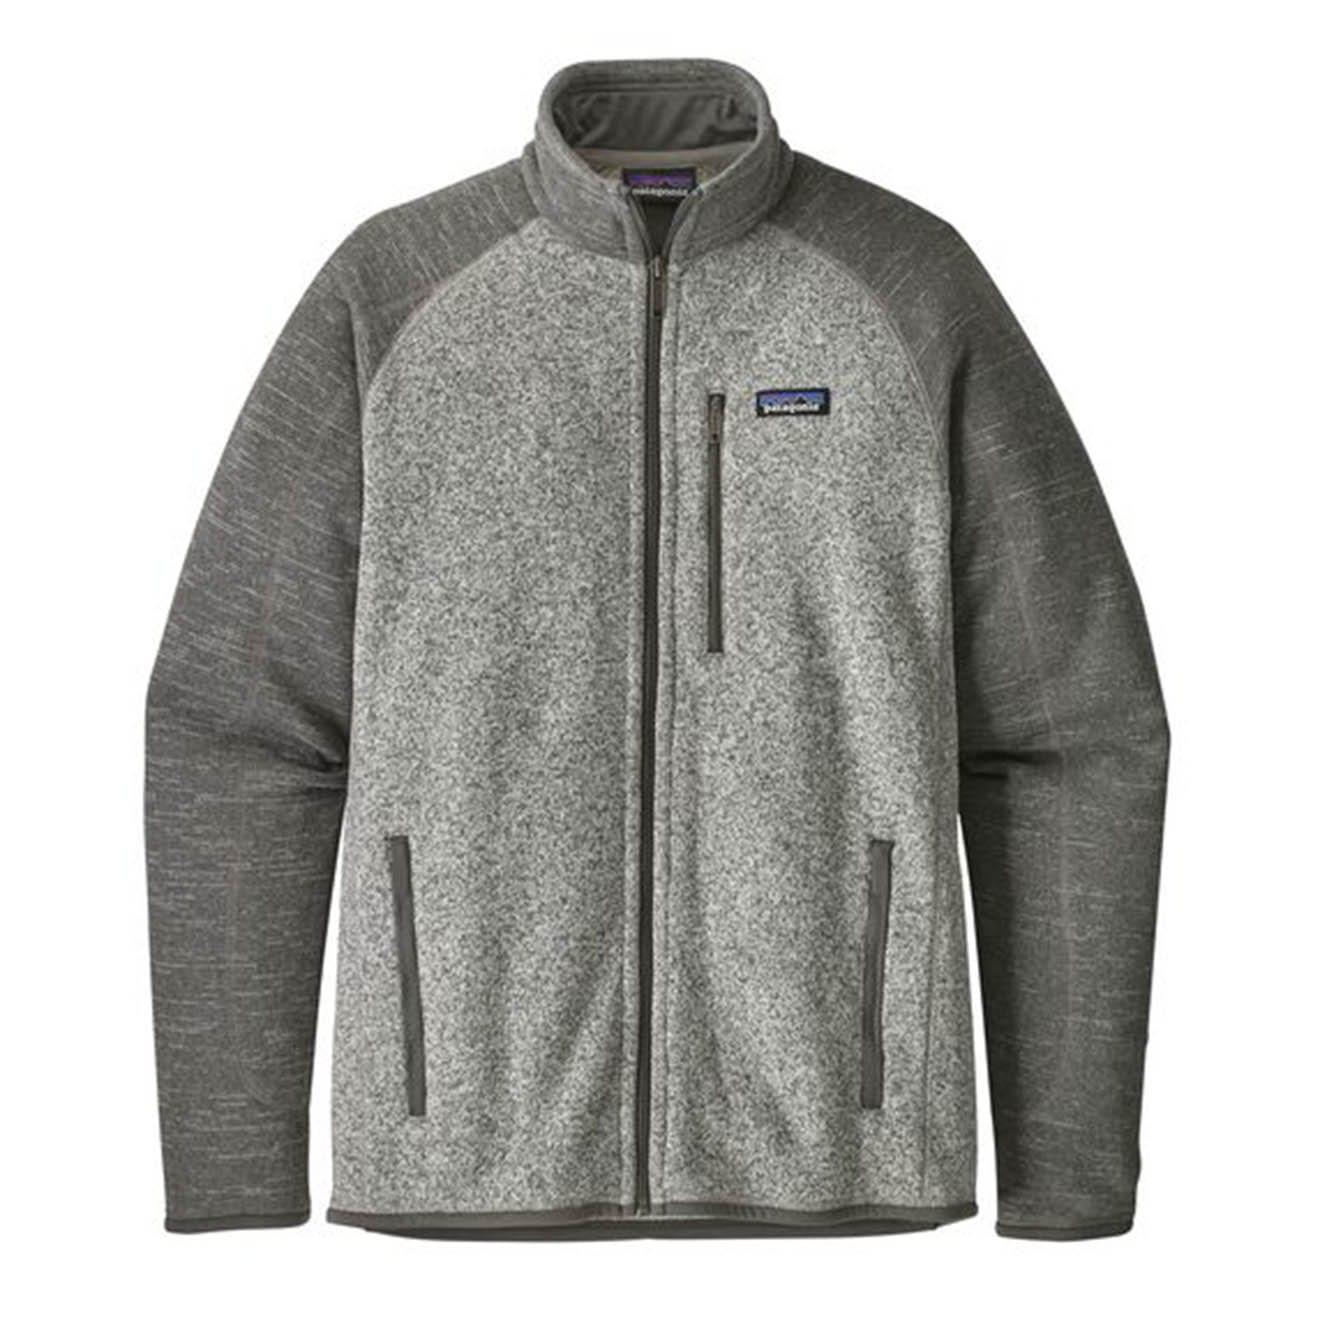 Patagonia better sweater fleece jacket stonewash nickel